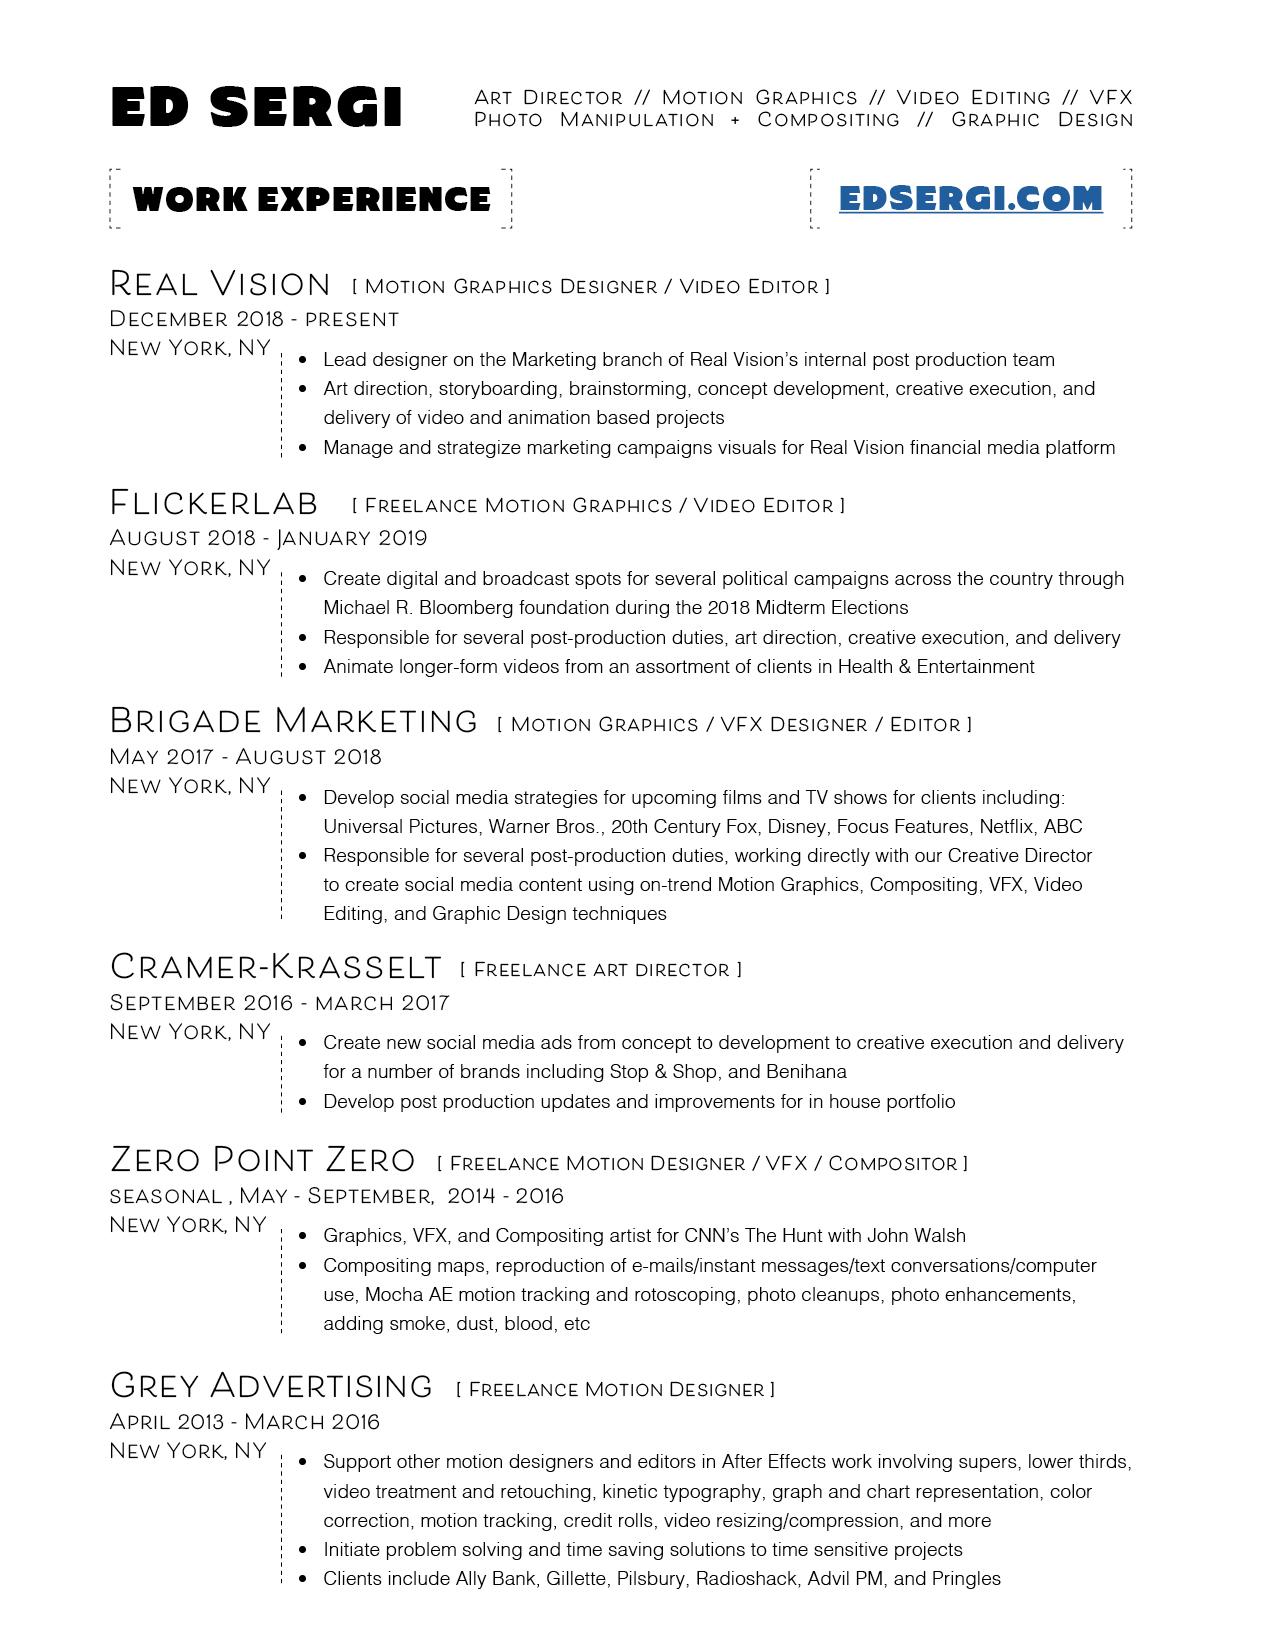 Resume — Ed Sergi